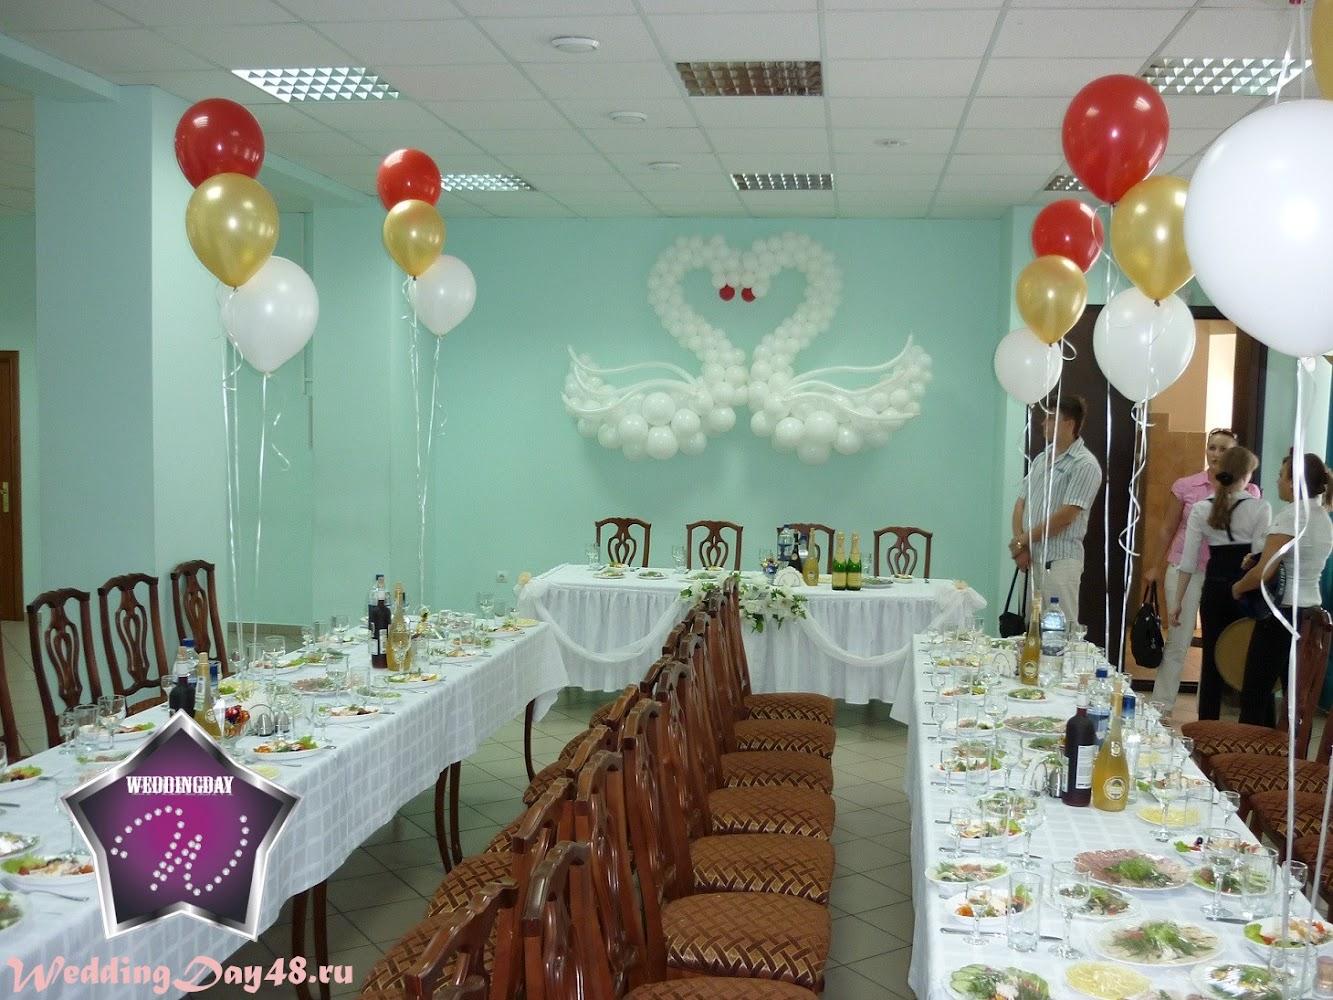 Как украсить зал на свадьбу своими руками, фото, сколько стоит 4